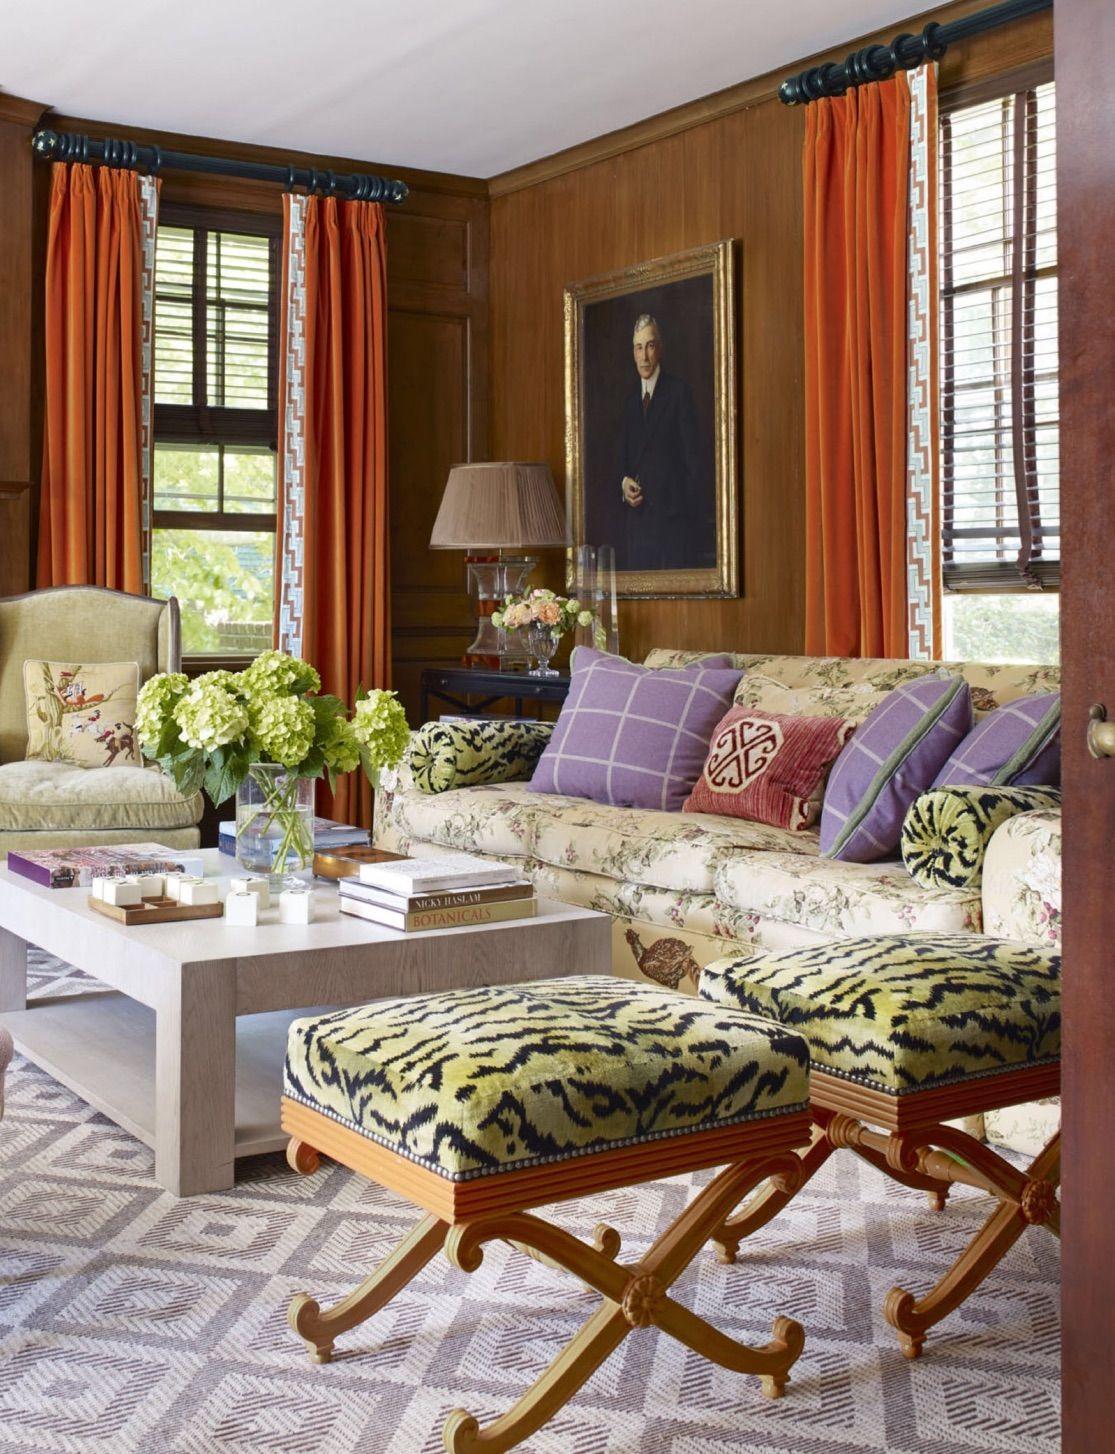 Love The Ottomans  Family Room  Pinterest  Living Rooms Room Adorable Living Rooms With Ottomans Design Ideas